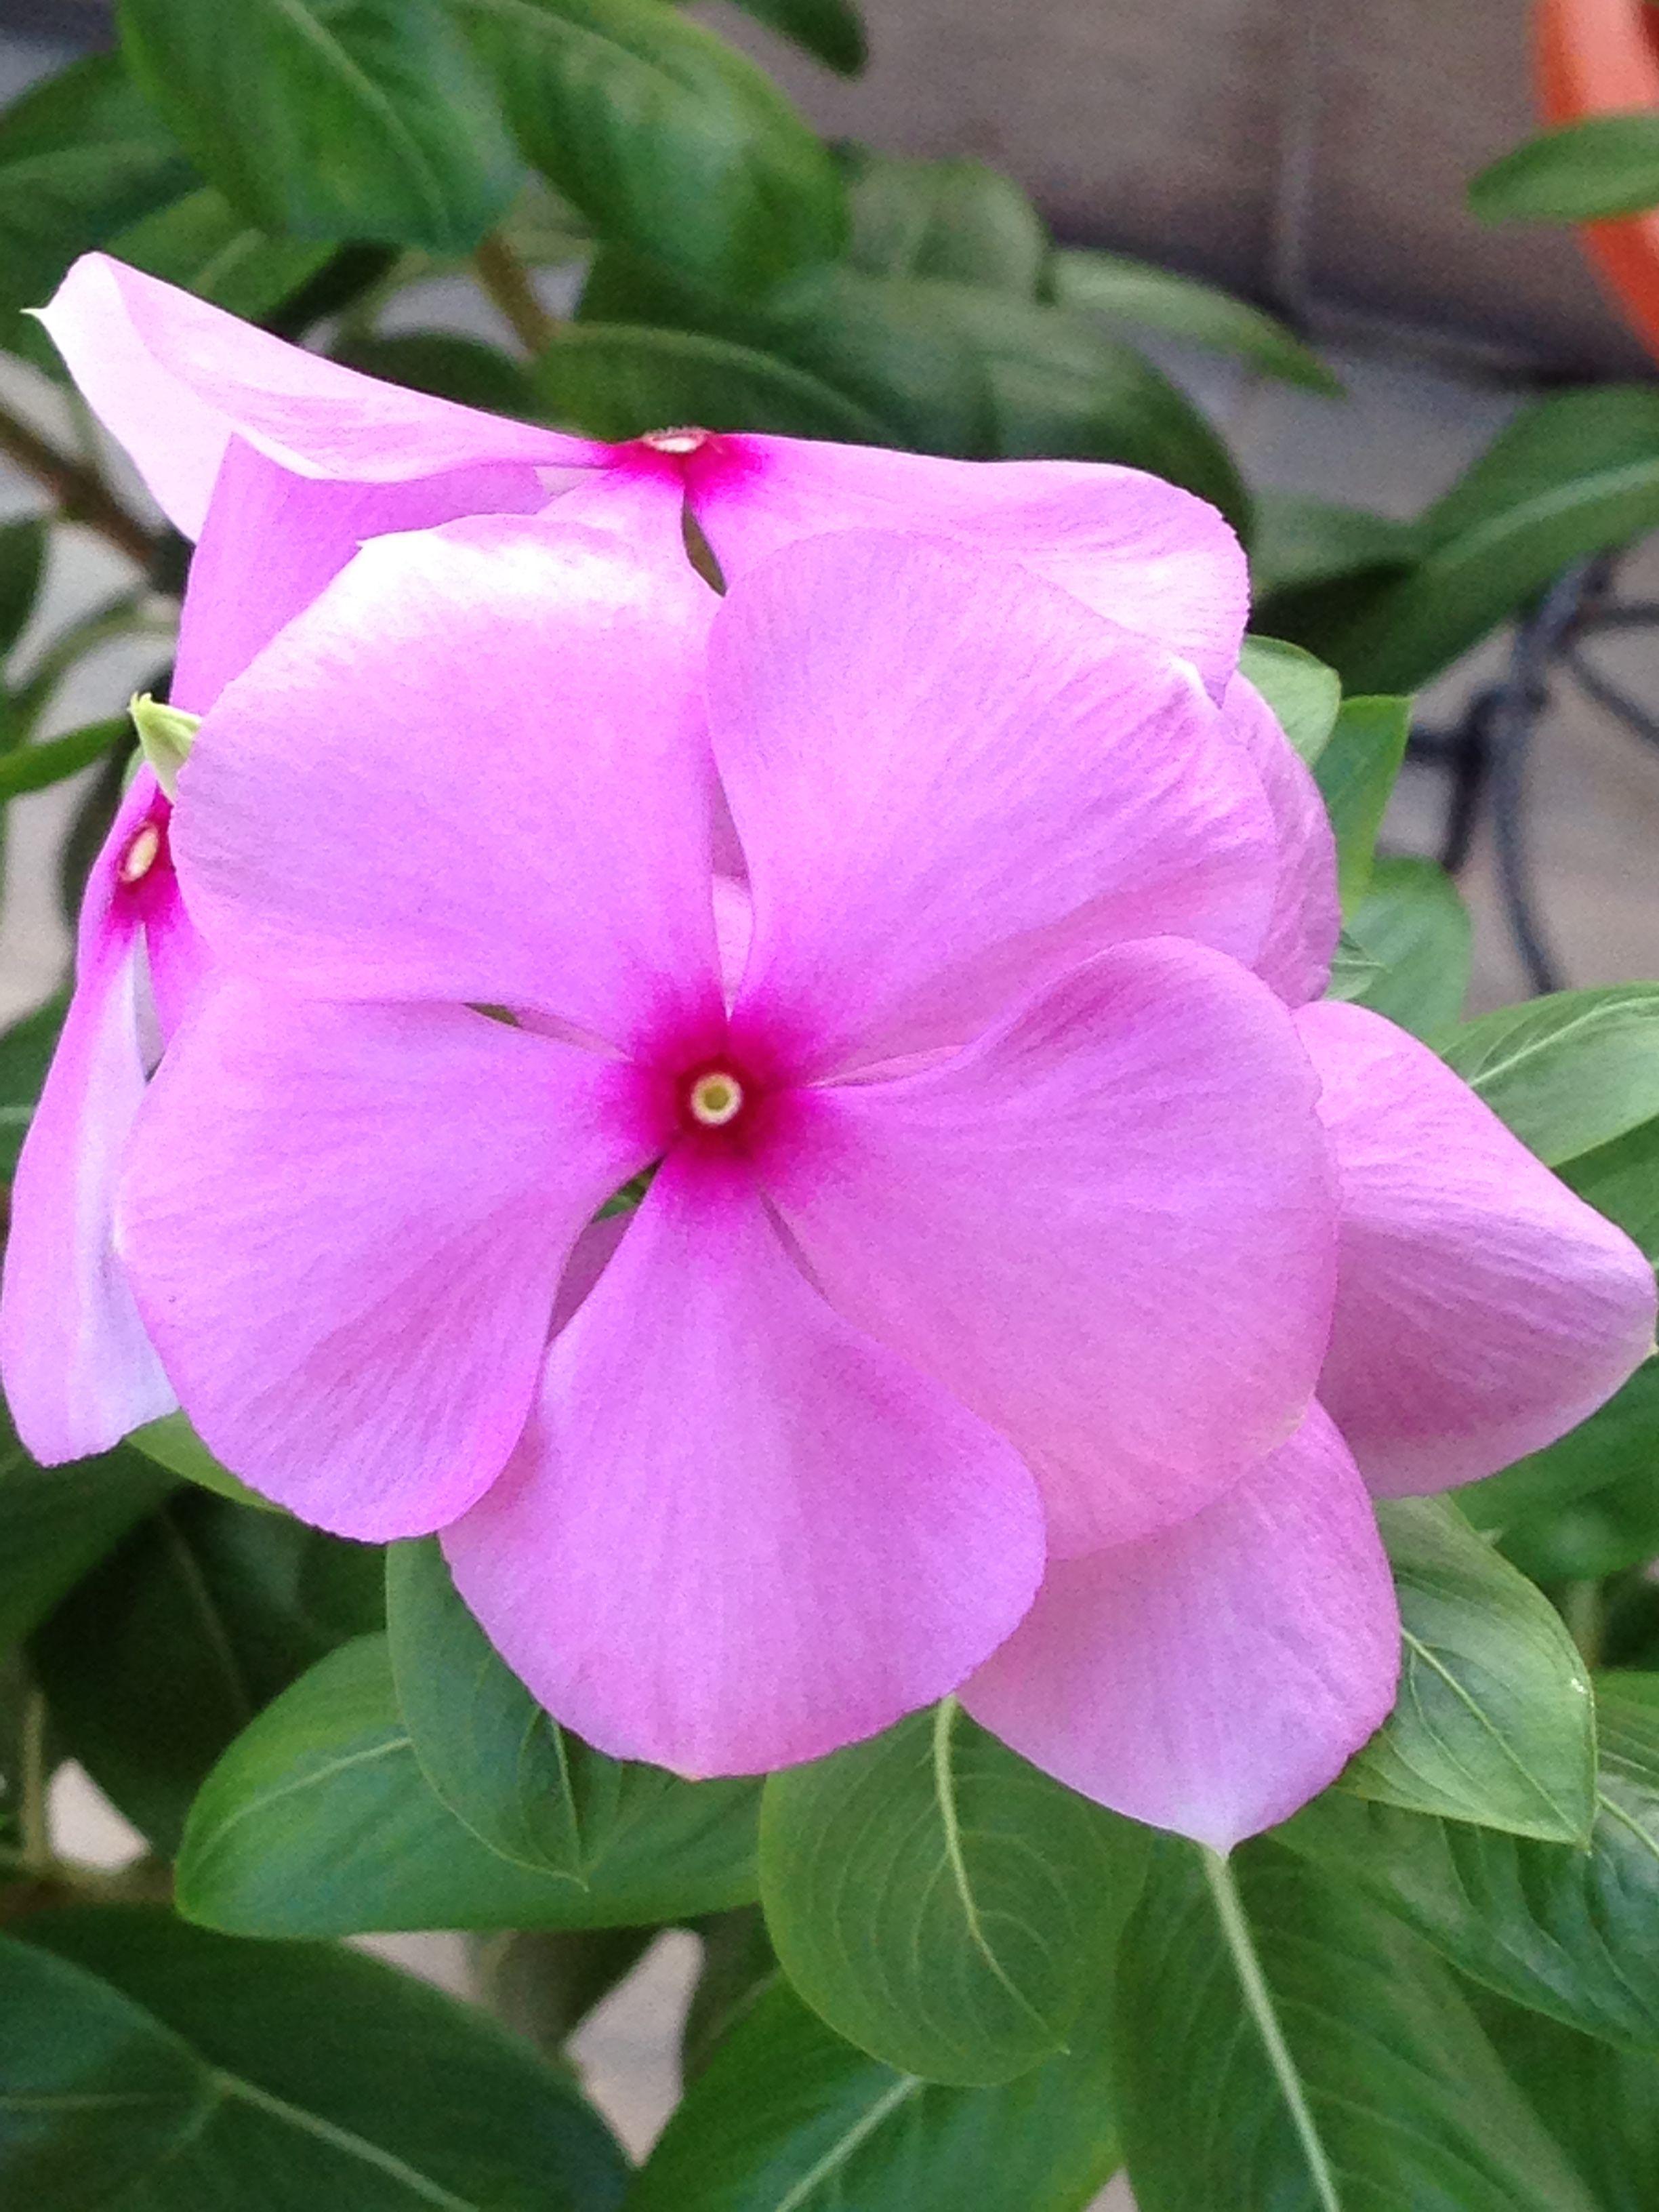 Periwinkle Flower My Flowers Pinterest Flower